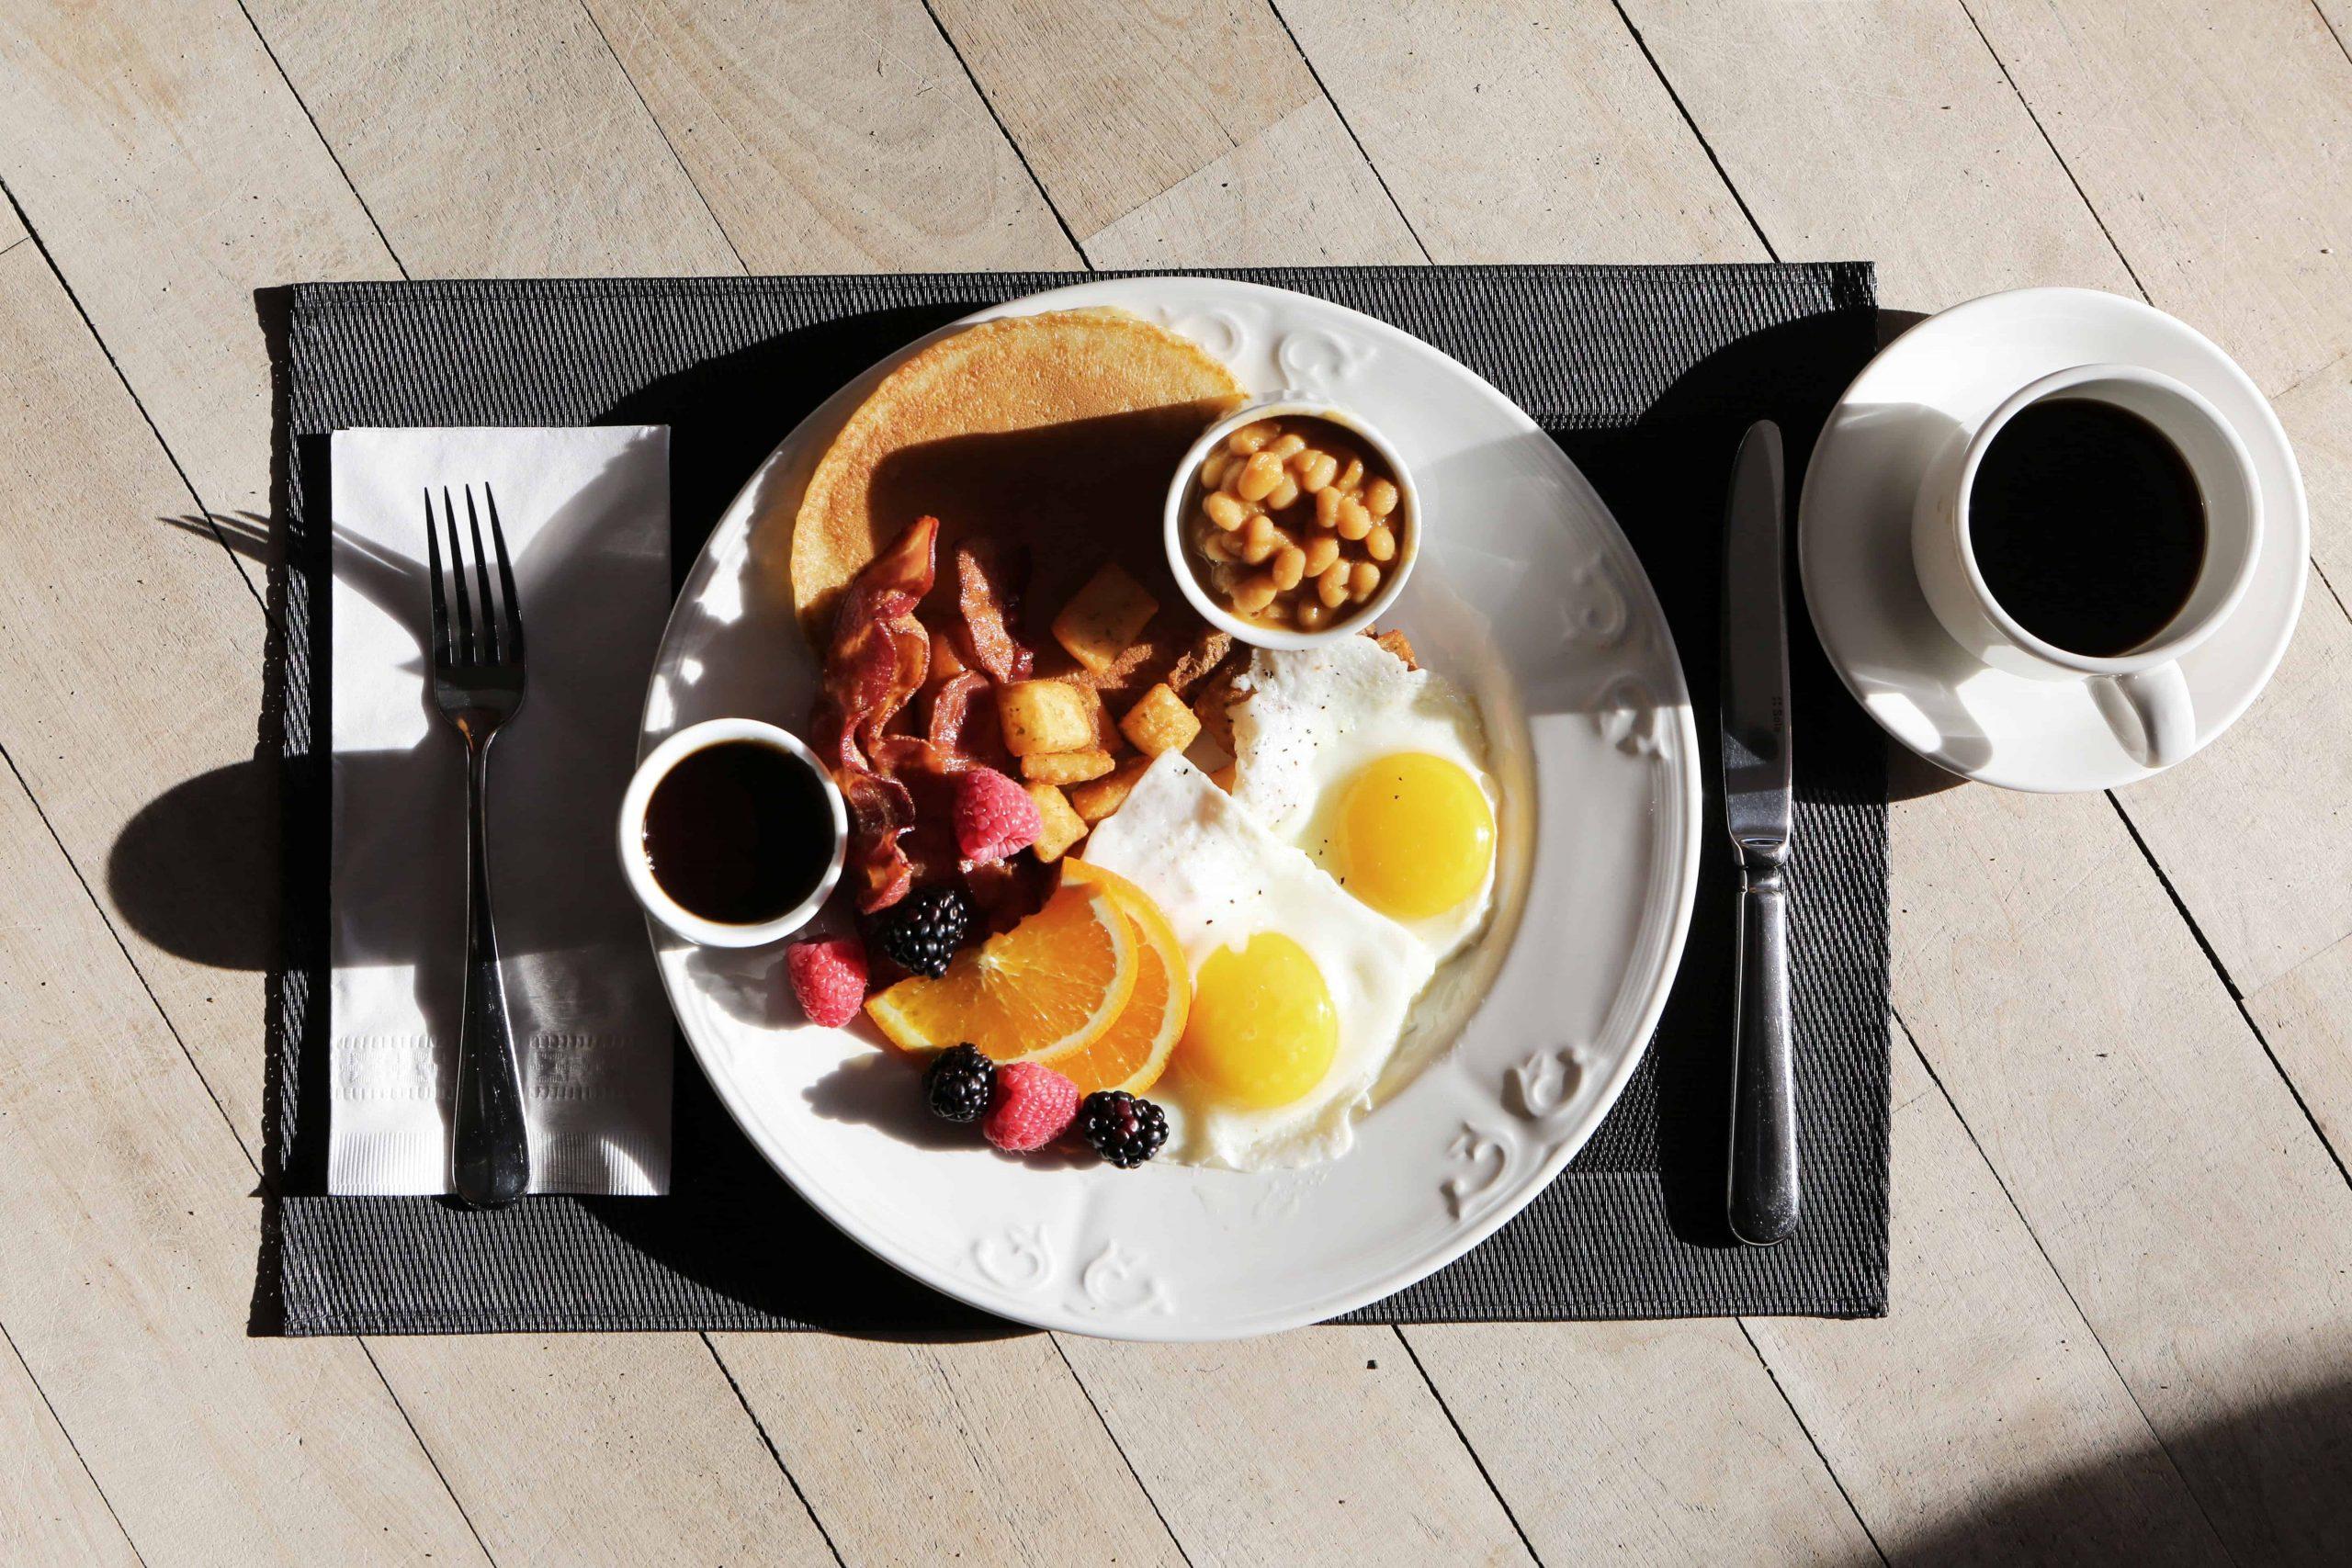 Na foto está um prato com comida de café da manhã em cima de um jogo americano na cor preta com uma xícara de café ao lado.